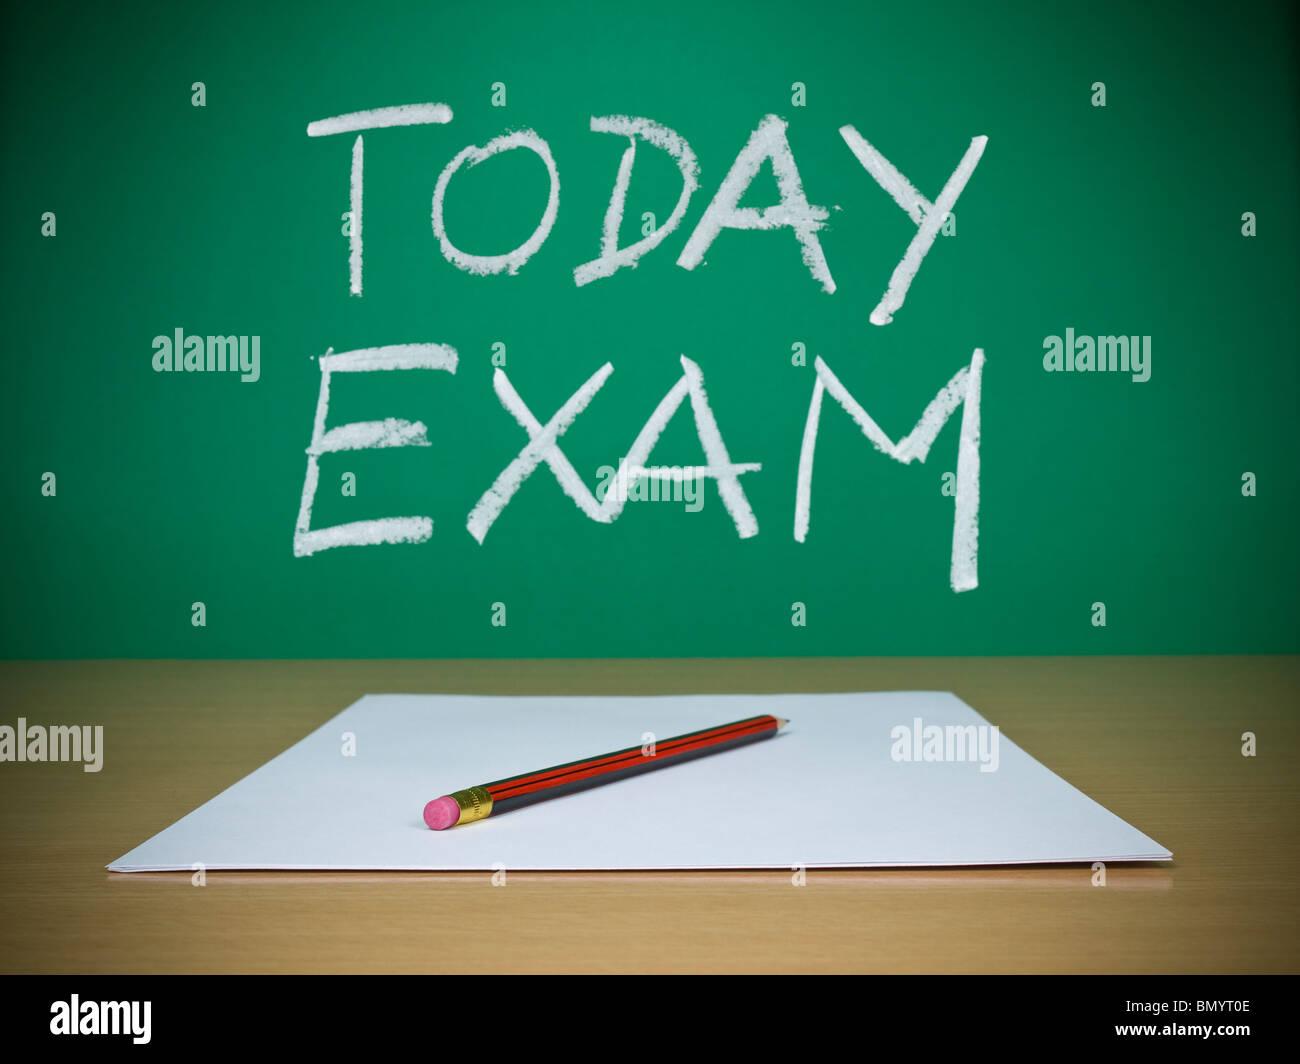 Exam Sheet Imágenes De Stock & Exam Sheet Fotos De Stock - Alamy